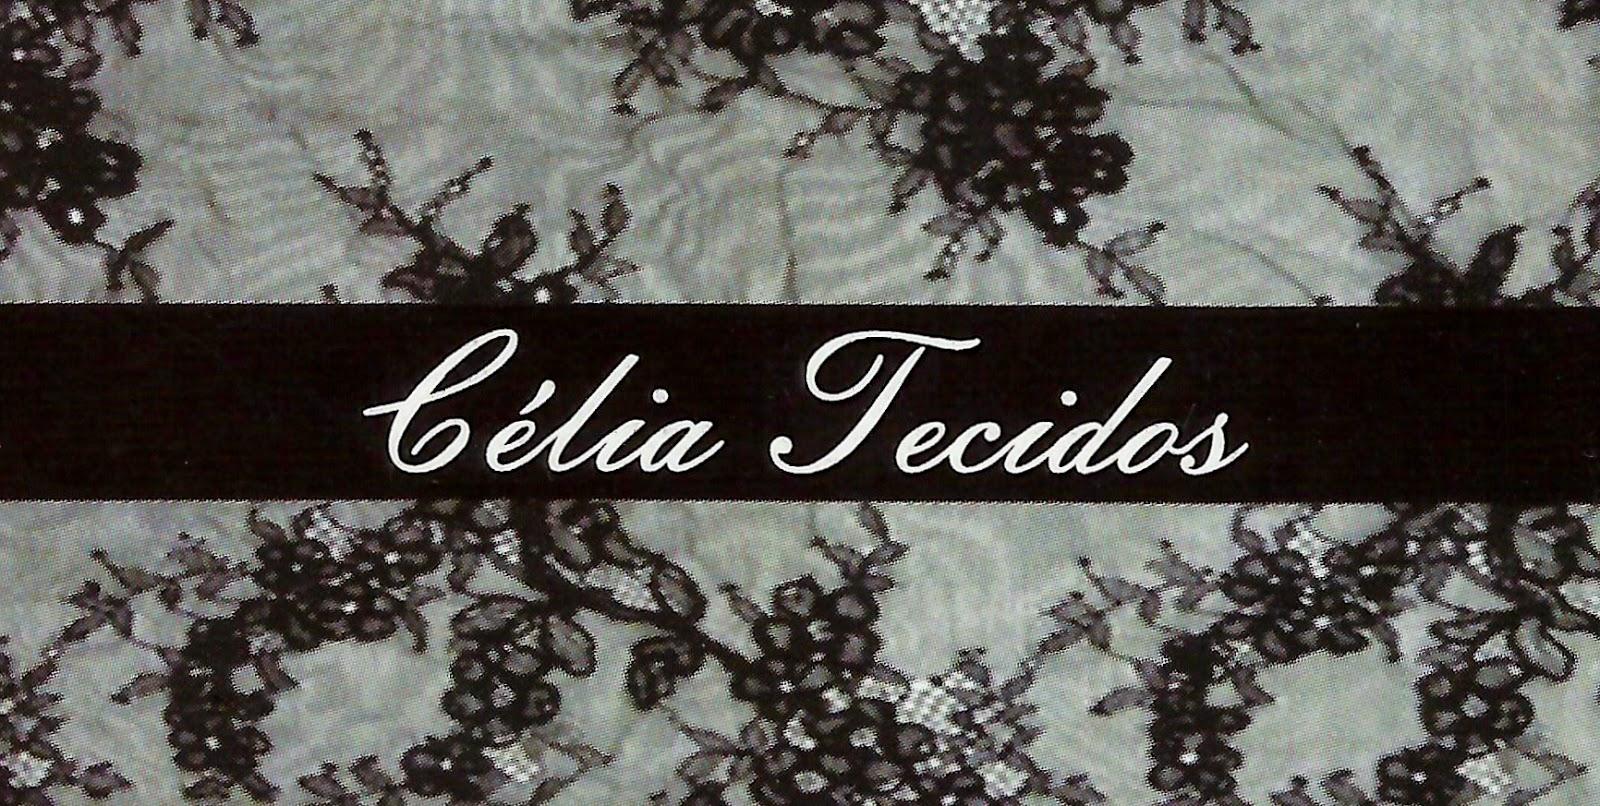 Célia TECIDOS Tecidos, Rendas, Confecções tamanho grande. Rua. Quinze de Novembro, 648 Centro - Tatuí - SP tel: (15) 3251-3635 e-mail: celiatecidos-tatui@hotmail.com